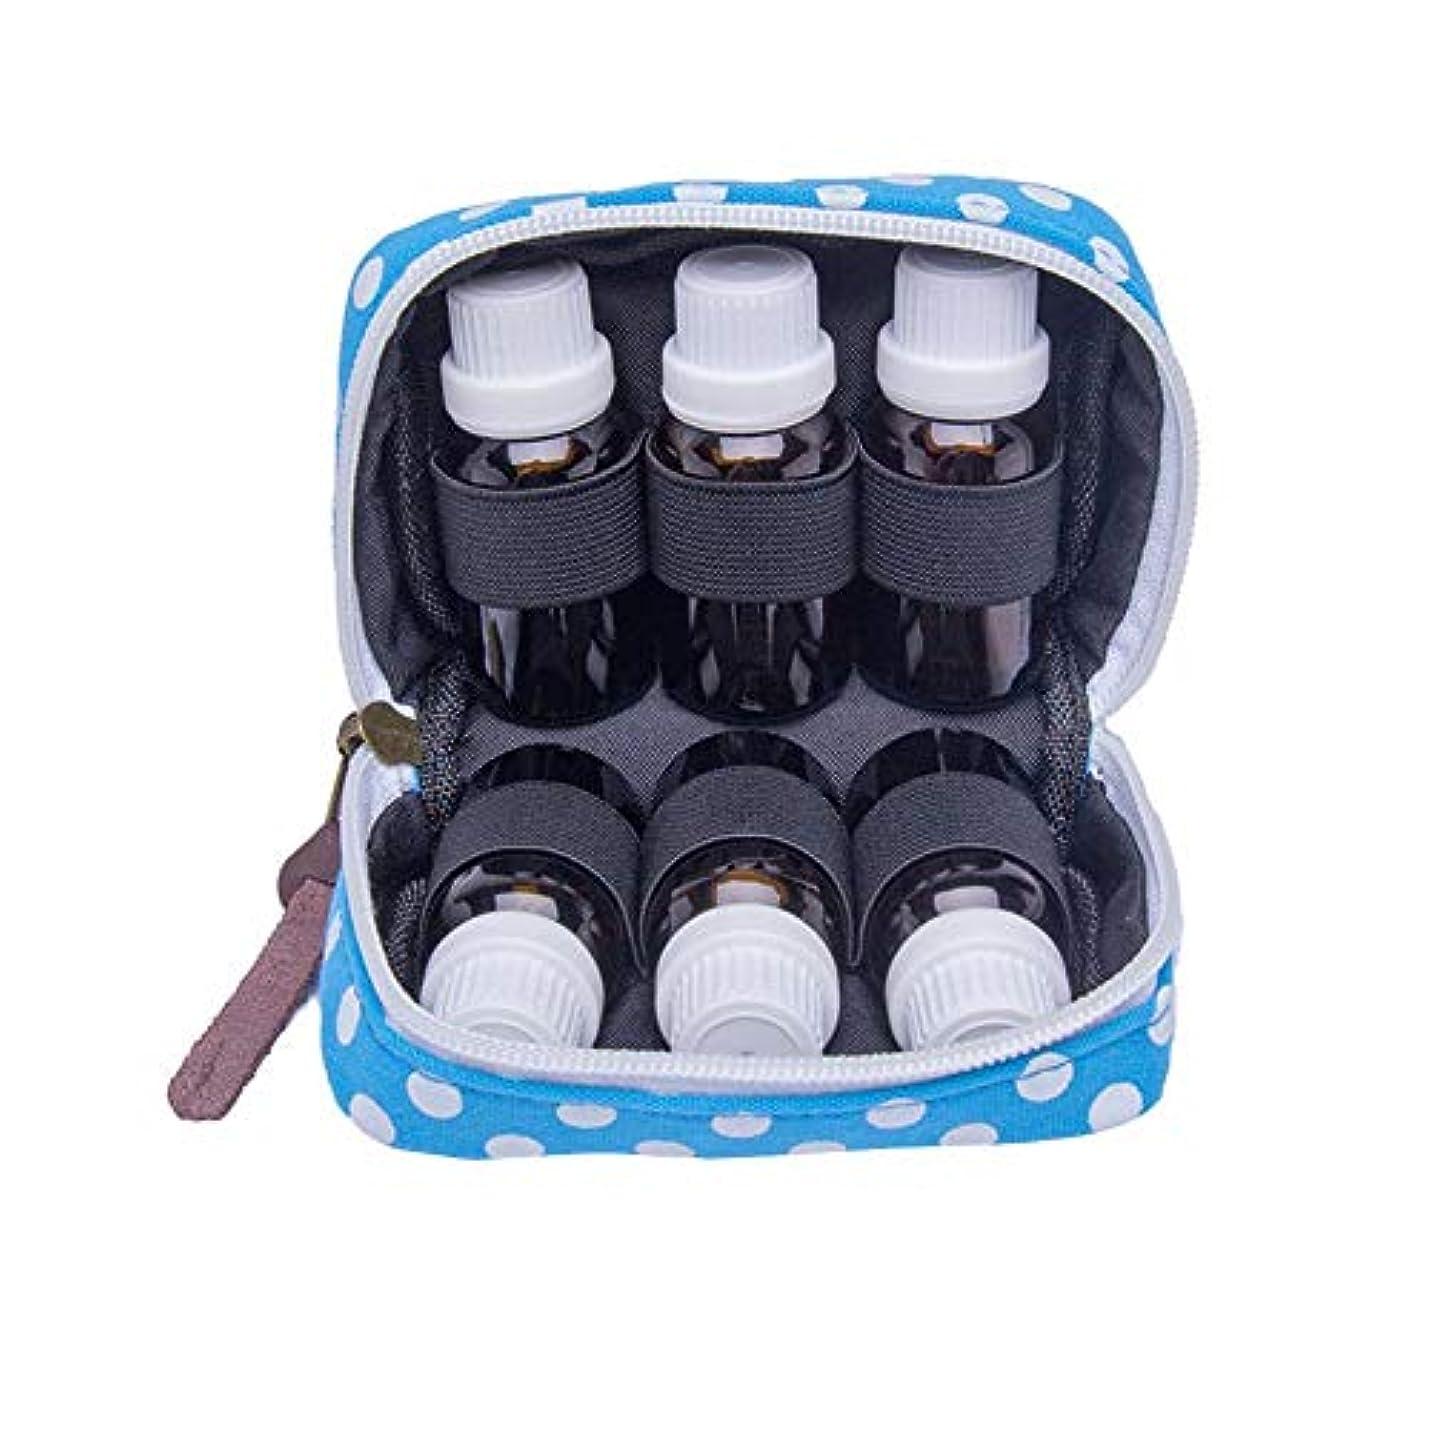 間接的誤解現れるPursue エッセンシャルオイル収納ケース アロマオイル収納ボックス アロマポーチ収納ケース 耐震 携帯便利 香水収納ポーチ 化粧ポーチ 6本用